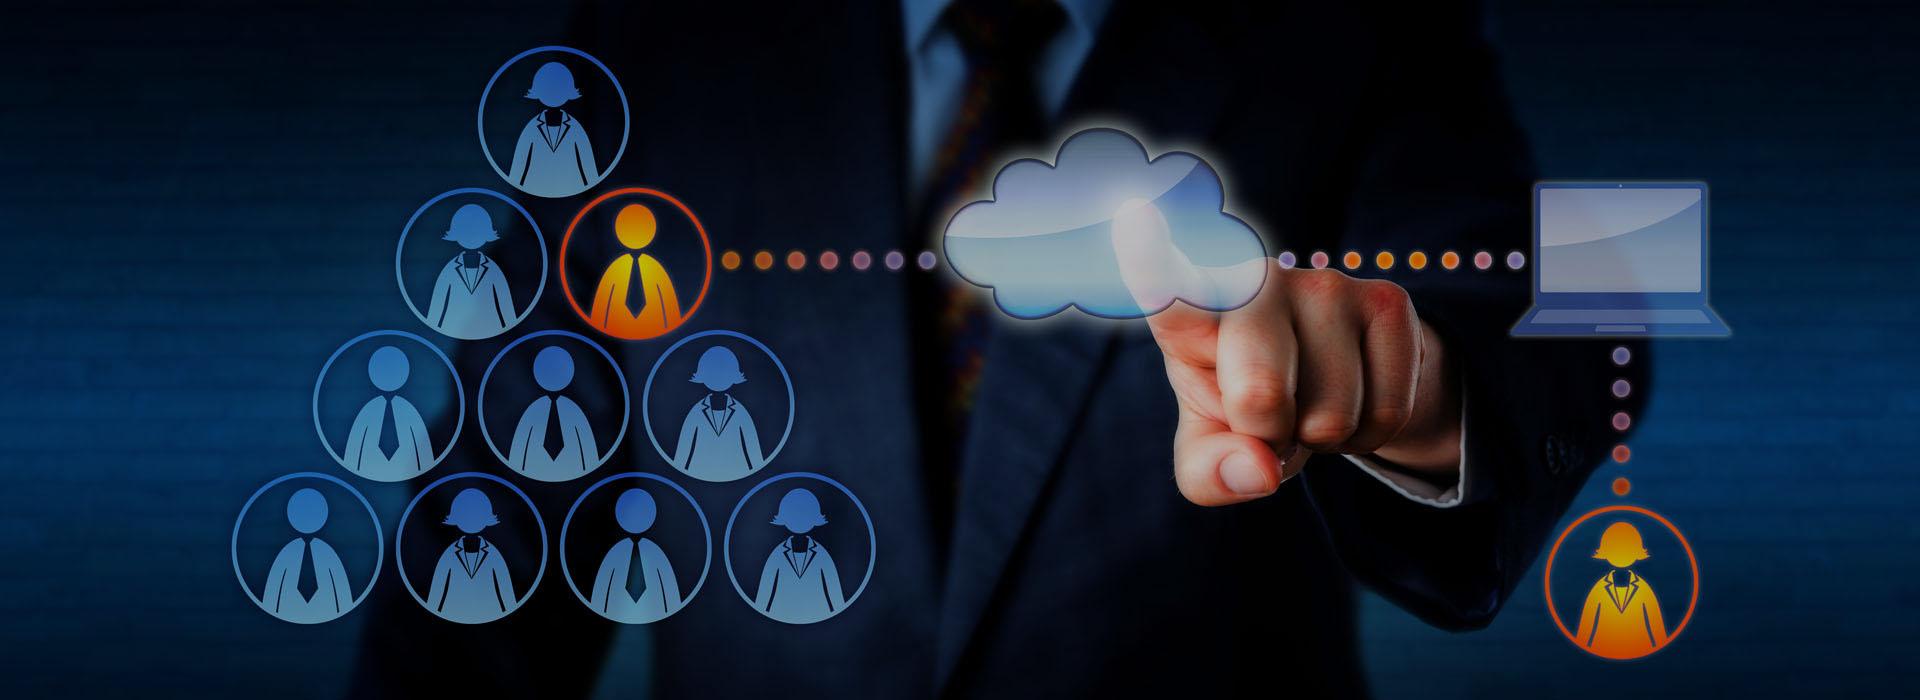 Notre logiciel intérim « ITK-INTERIM » est idéal pour les agences de placement temporaire et de location de services